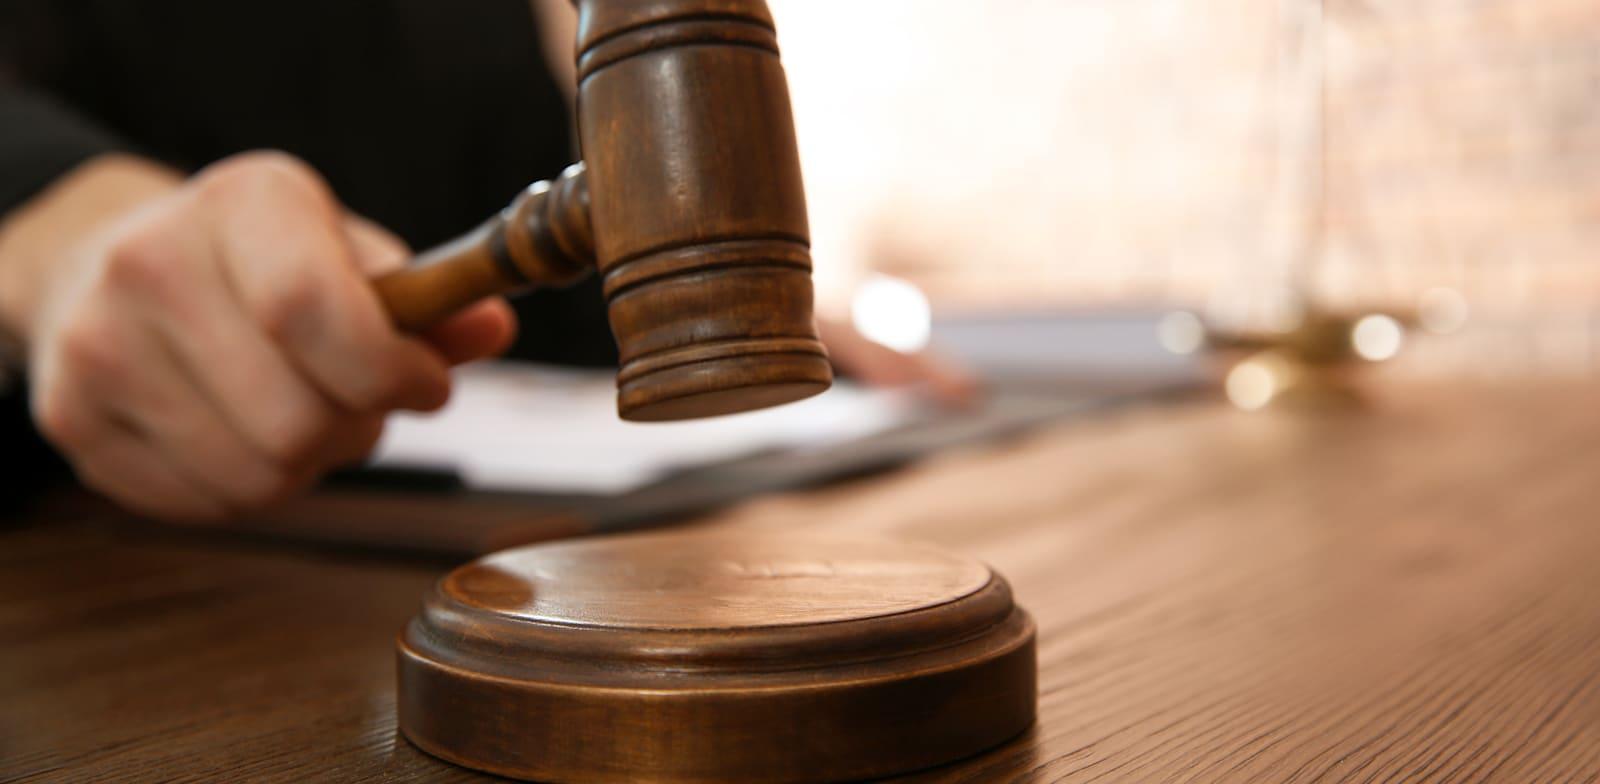 מדוע מערכת המשפט נמנעת לאמץ טכנולוגיות לבניית הסכמות וליישוב מחלוקות